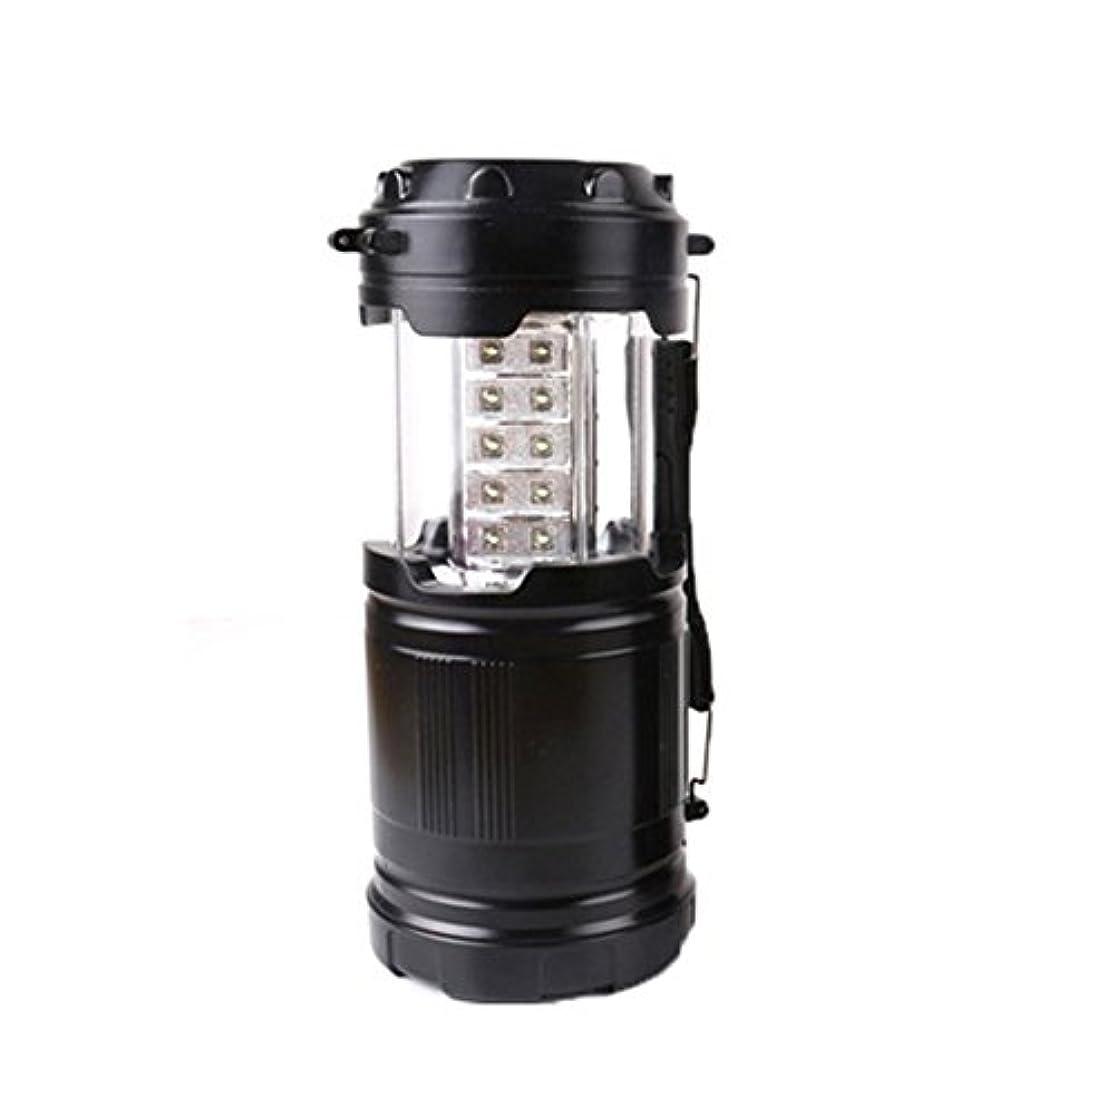 バリケード高潔なティッシュFeelyer ポータブルLEDキャンプライトLEDテントライトキャンプやハイキング1.5ワット電球30明るいLED電球作業灯利用可能なバッテリー警告灯グレア通常の光 顧客に愛されて